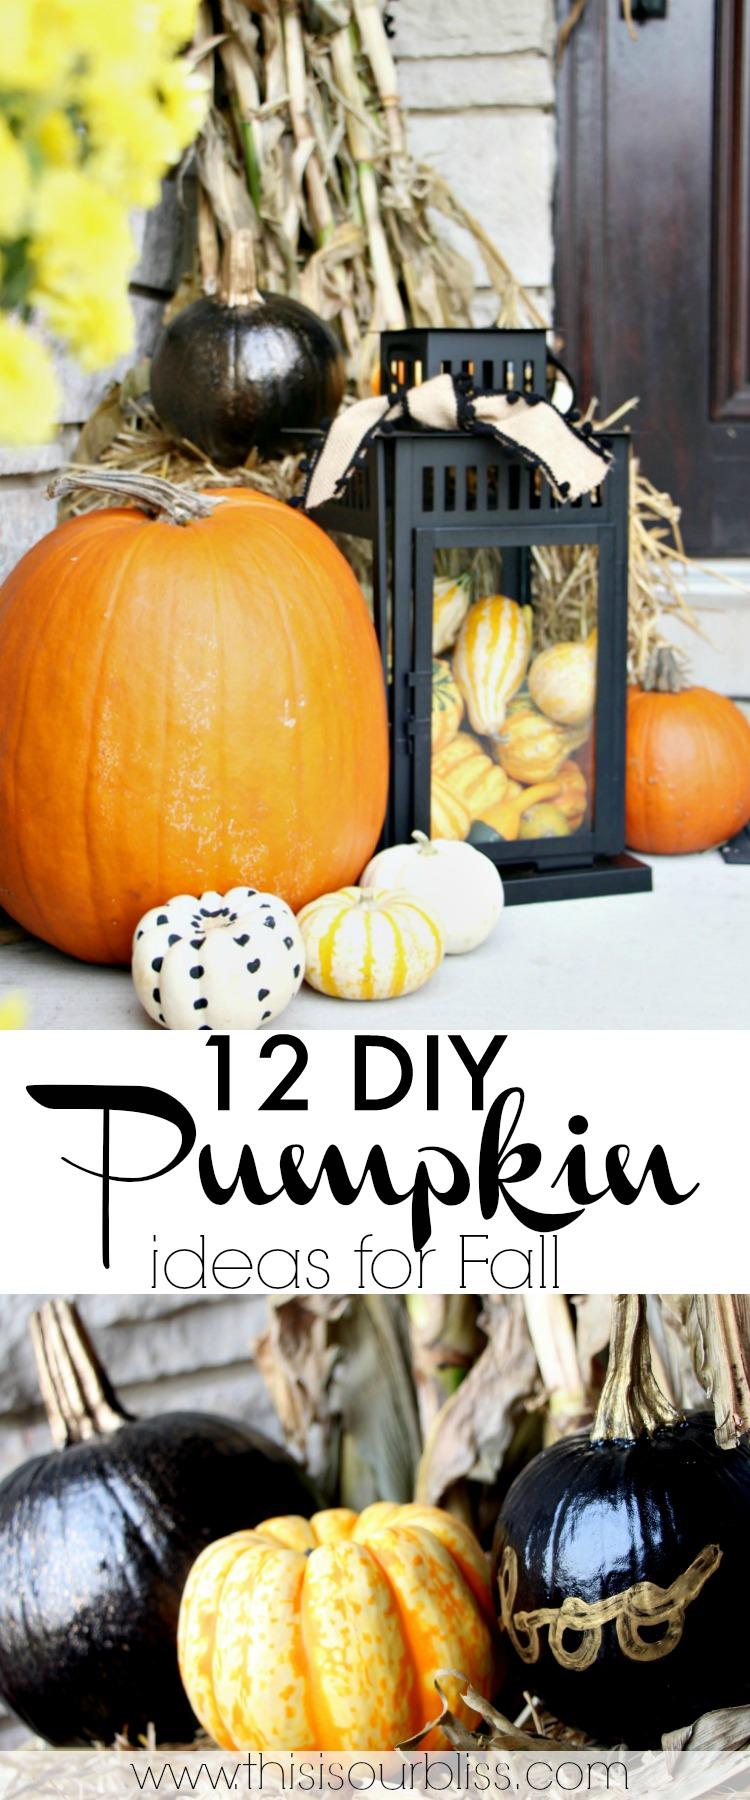 12 DIY Pumpkin Ideas for Fall - Pumpkin Crafts, Decor, Recipes & more!